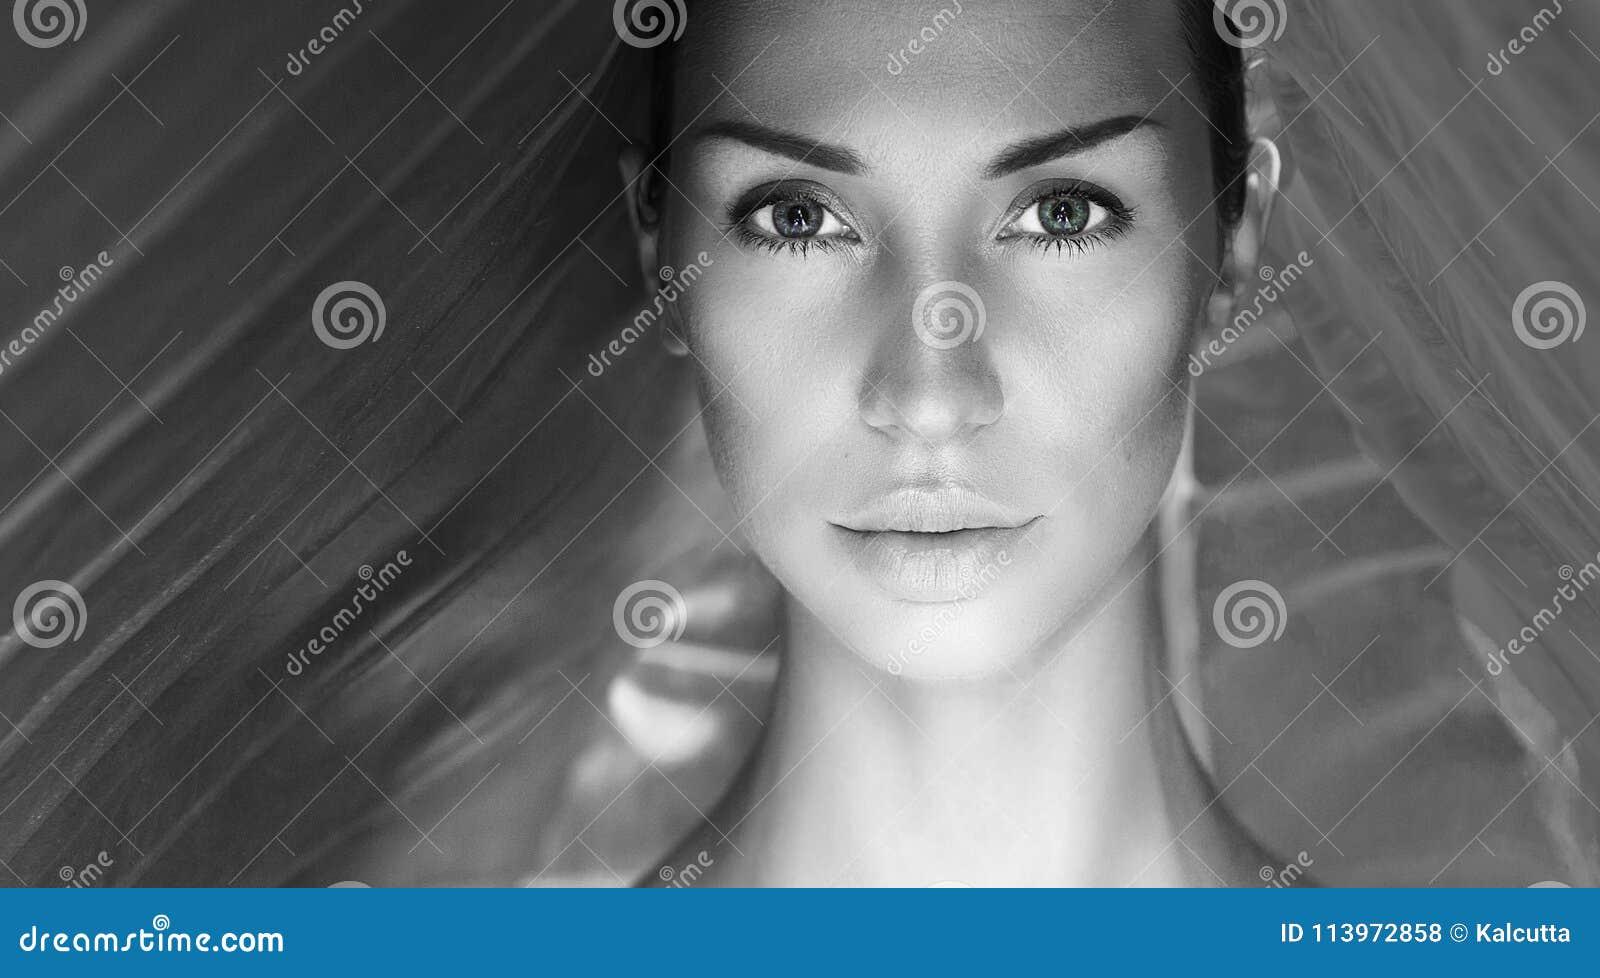 Bello ritratto sexy in bianco e nero della donna Fronte della donna con N